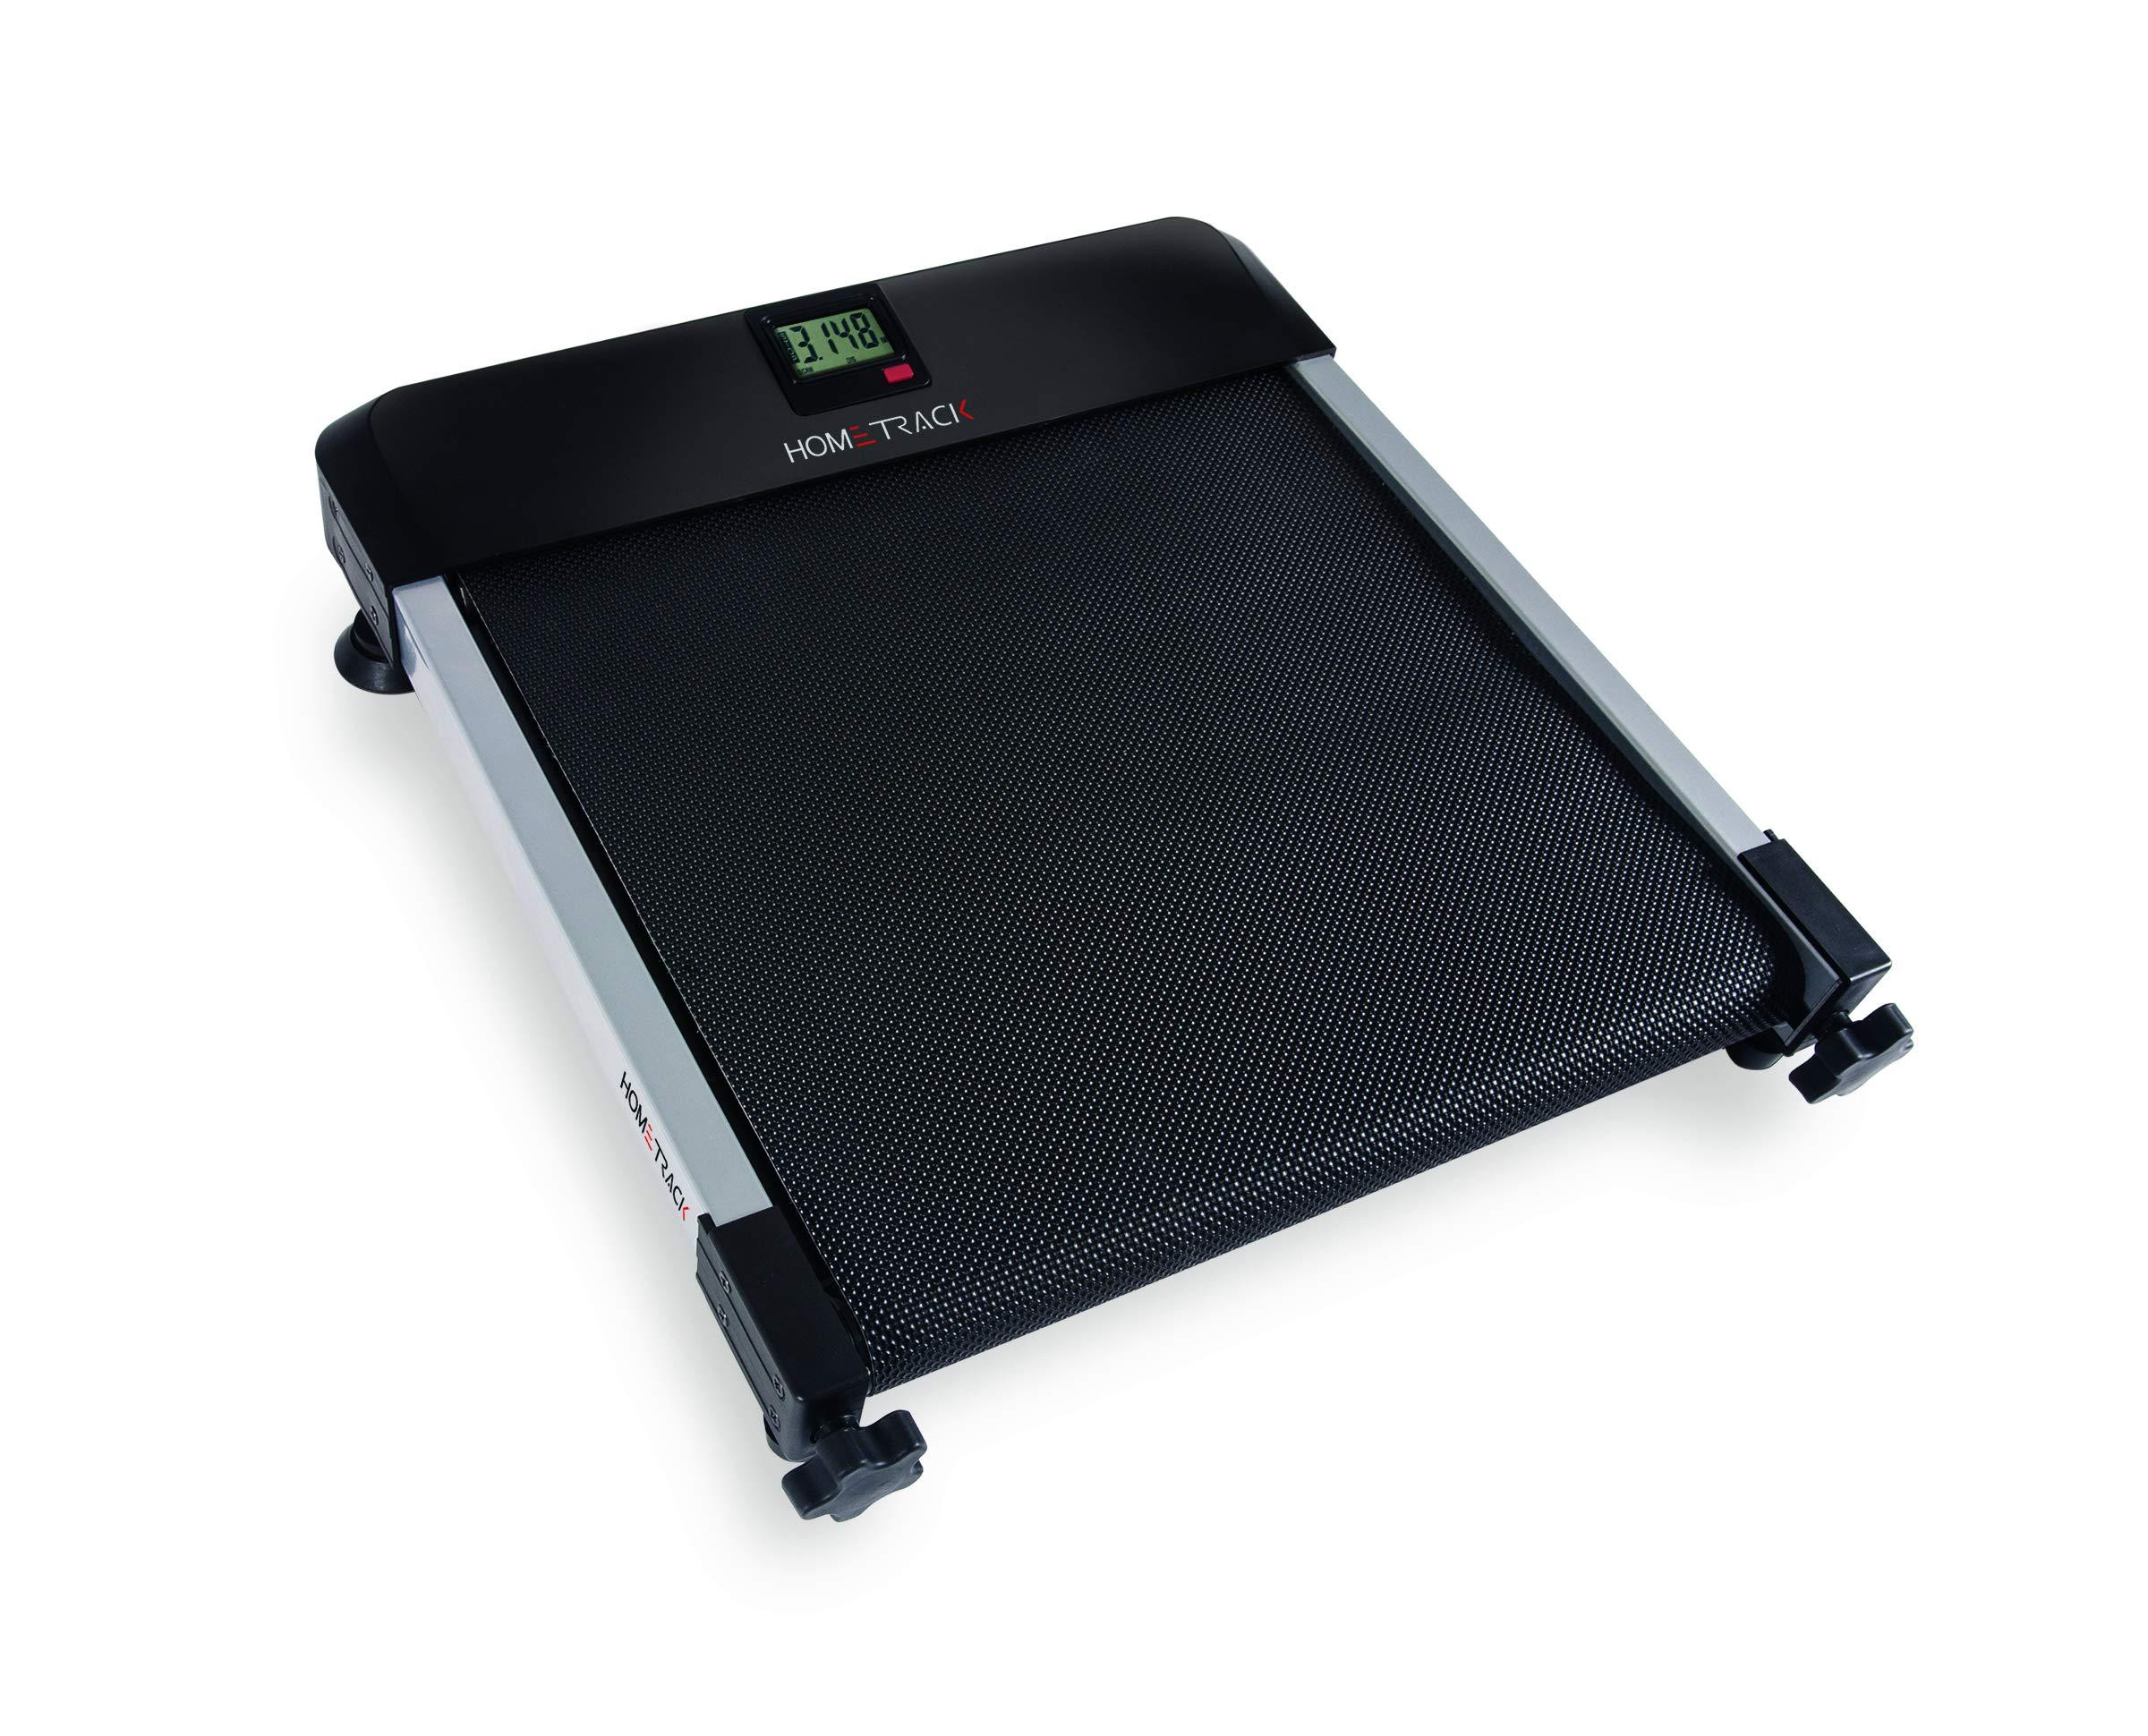 HomeTrack Walkingpad Mini Treadmill - Sitting Treadmill - Under Desk Treadmill by North American Health